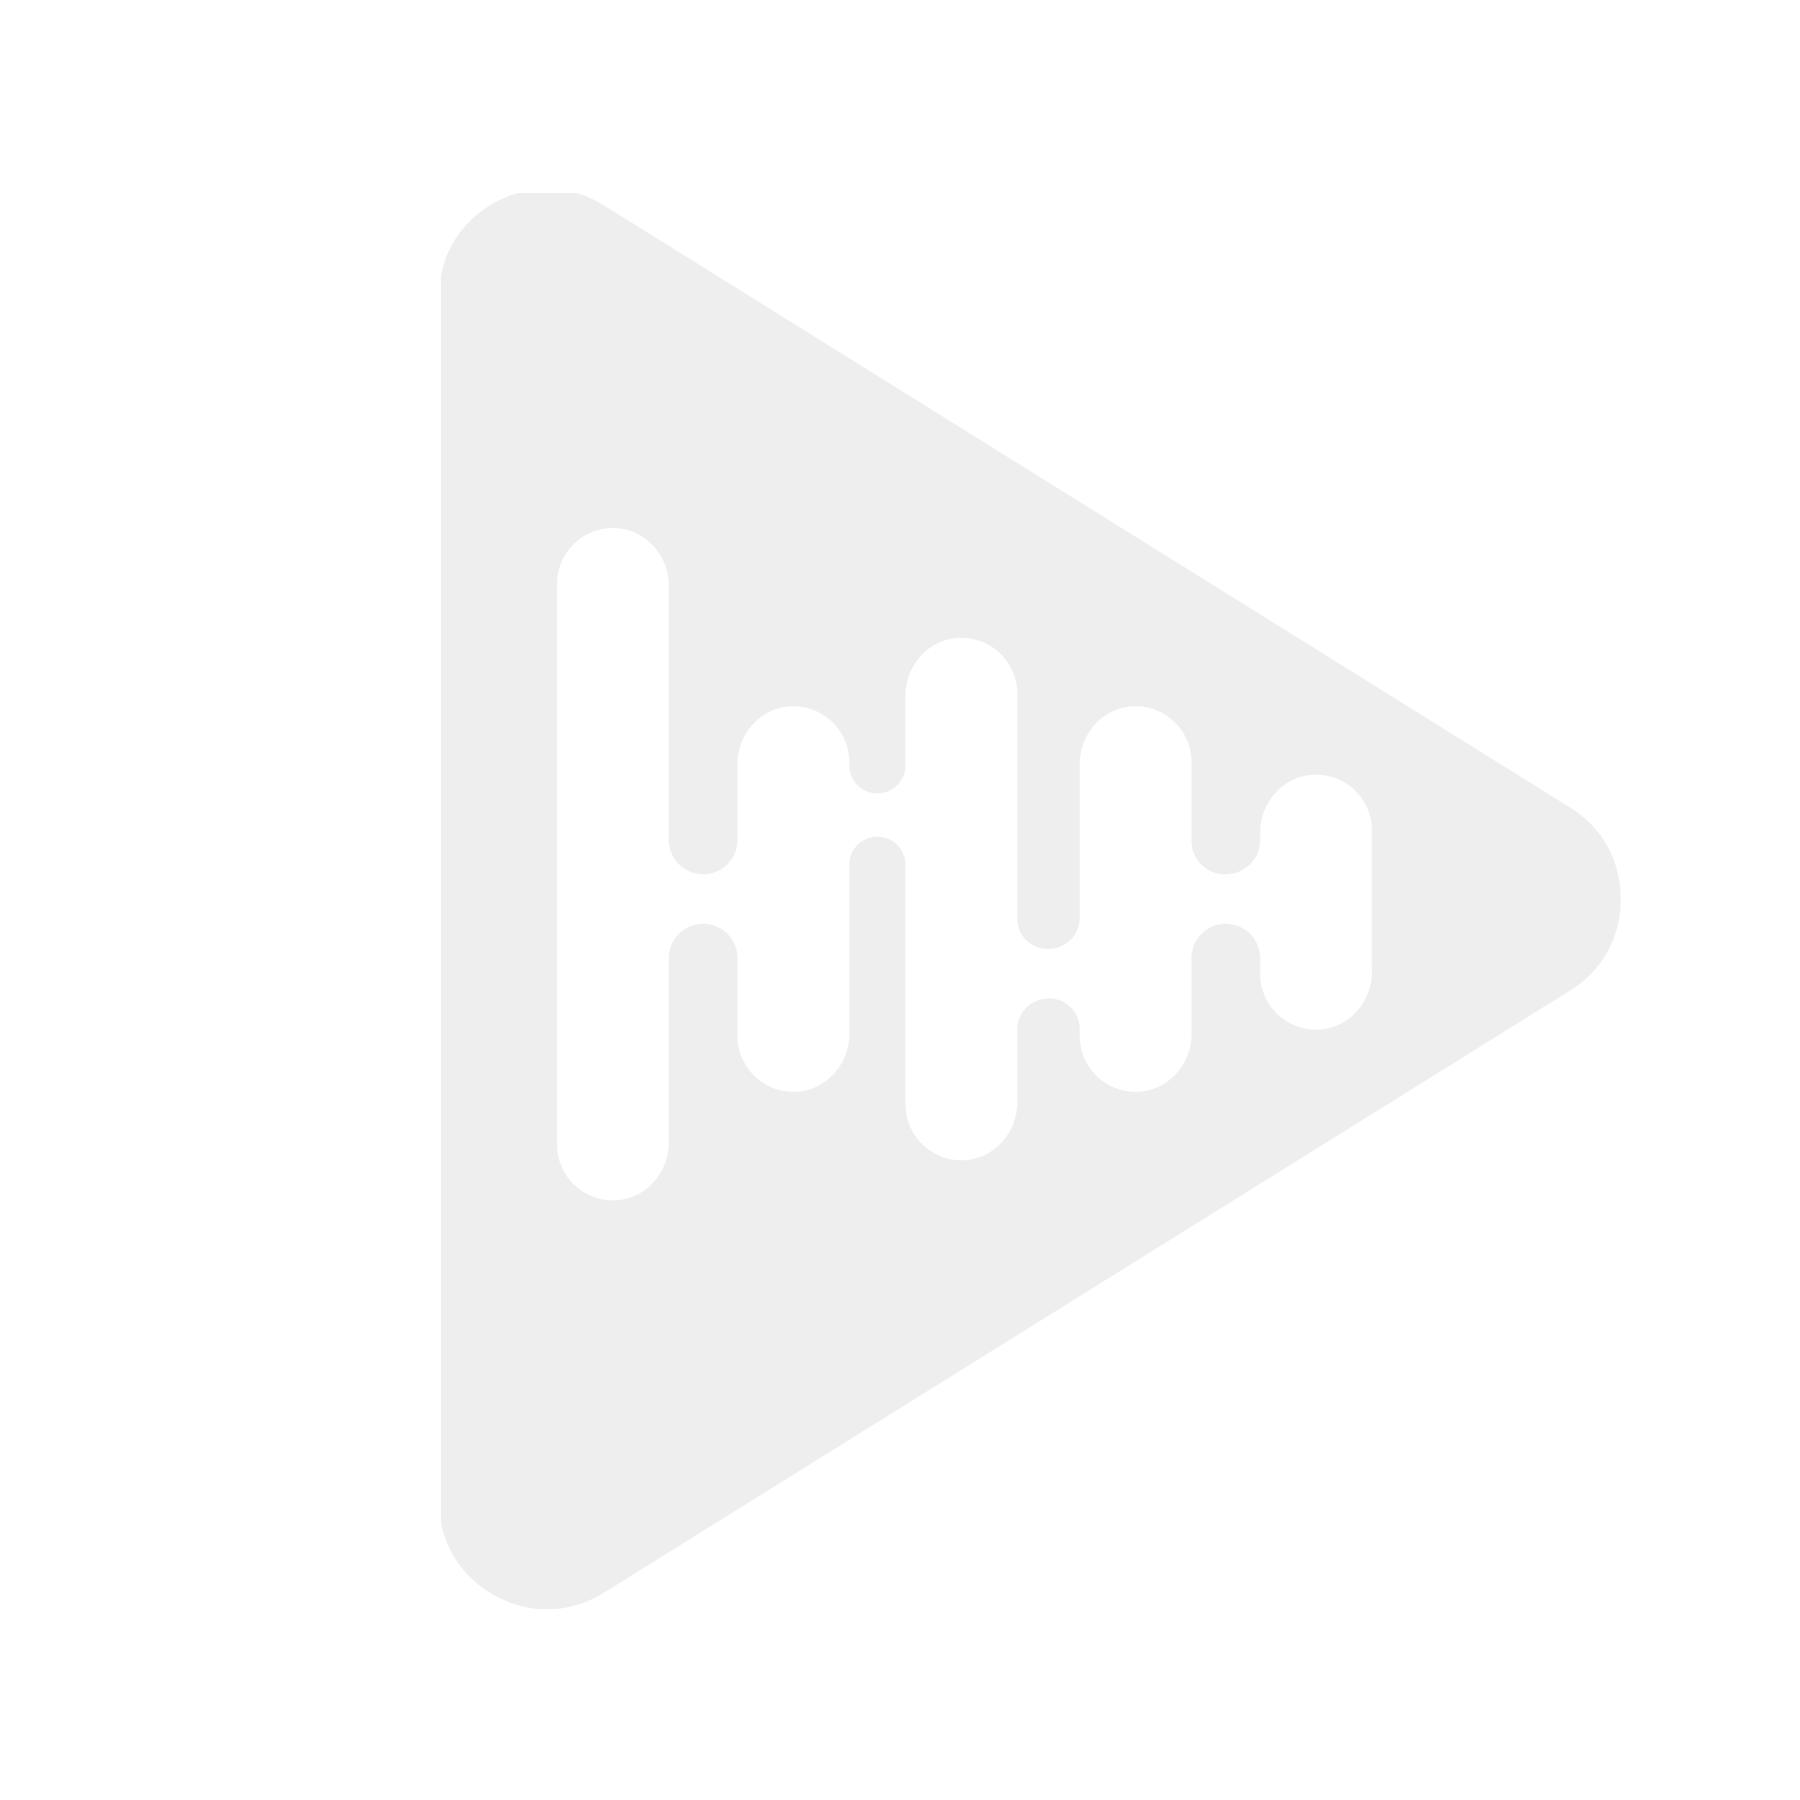 Incartec 29-661-HK